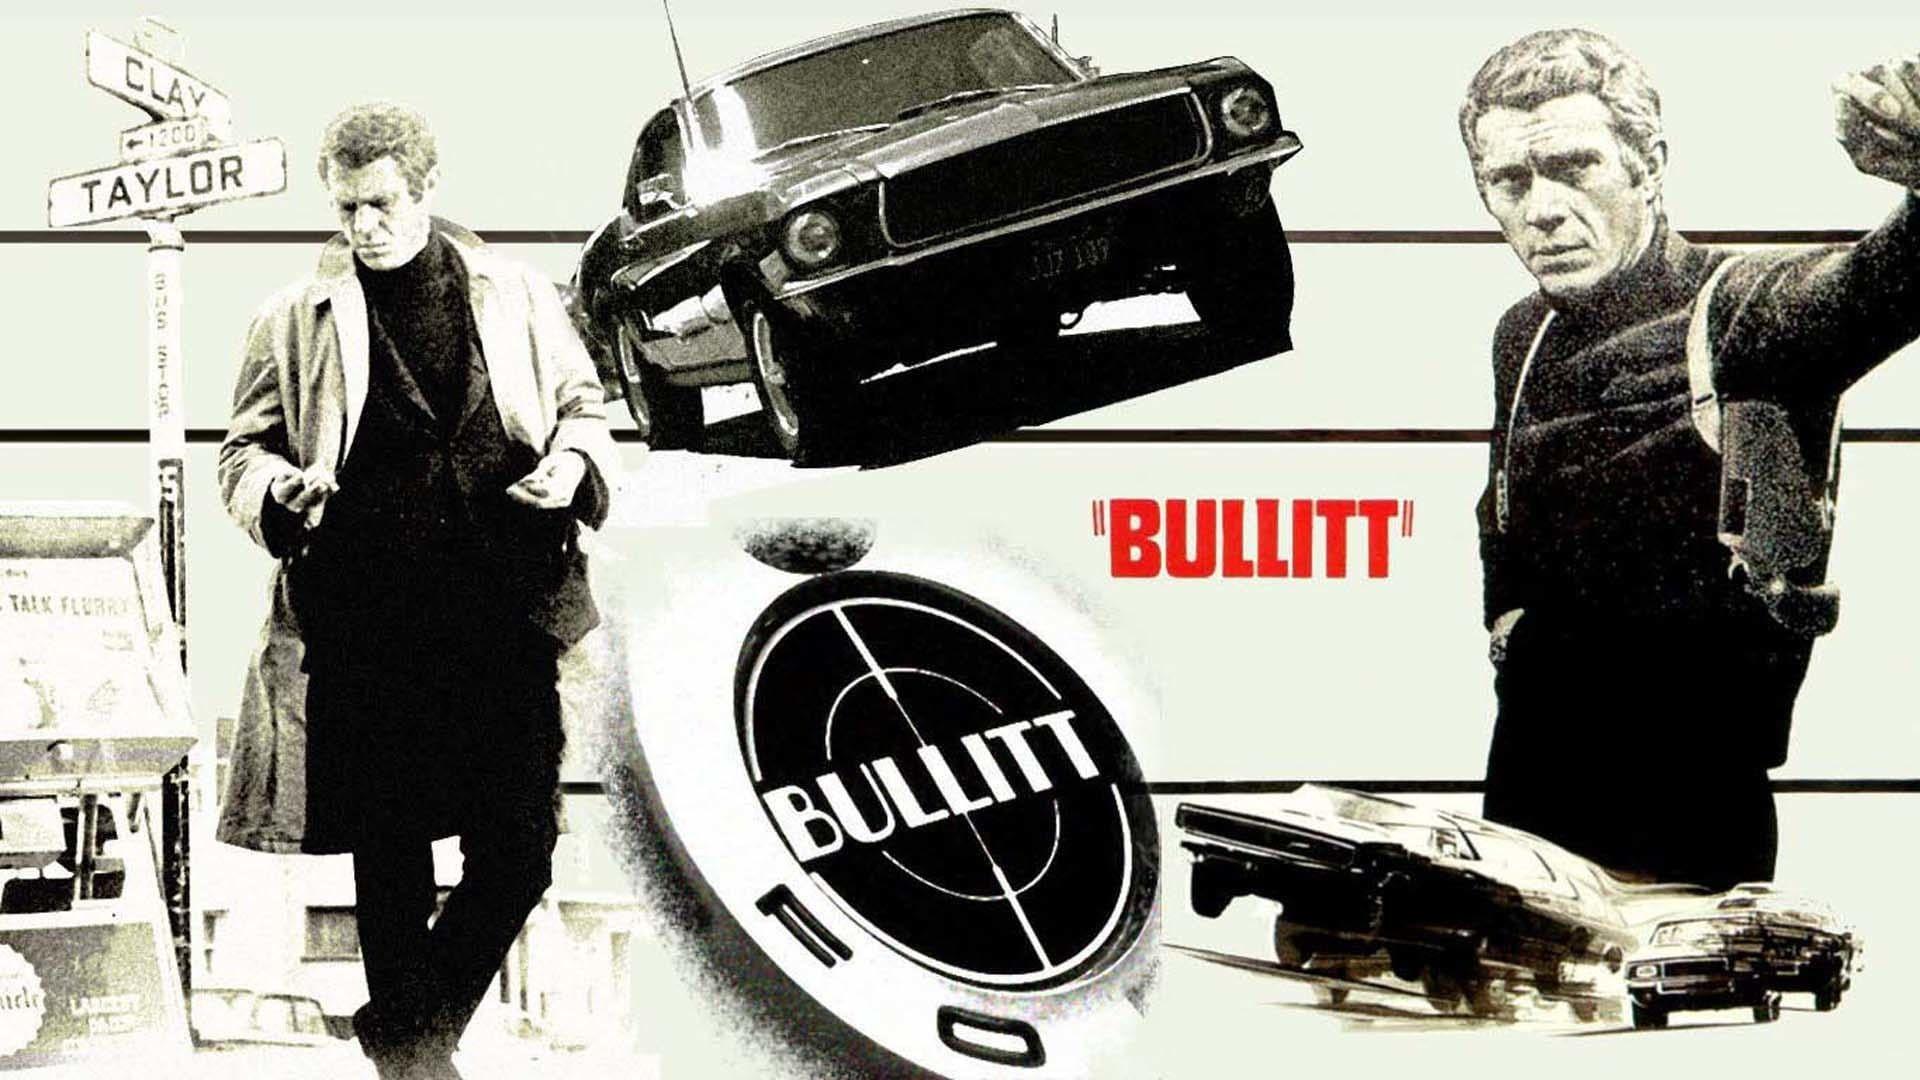 Bullitt 1968 Cb01 Completo Italiano Altadefinizione Cinema Guarda Bullitt Italiano 1968 Film Streaming Altadefinizione Cb01 Bullitt Streaming Ita